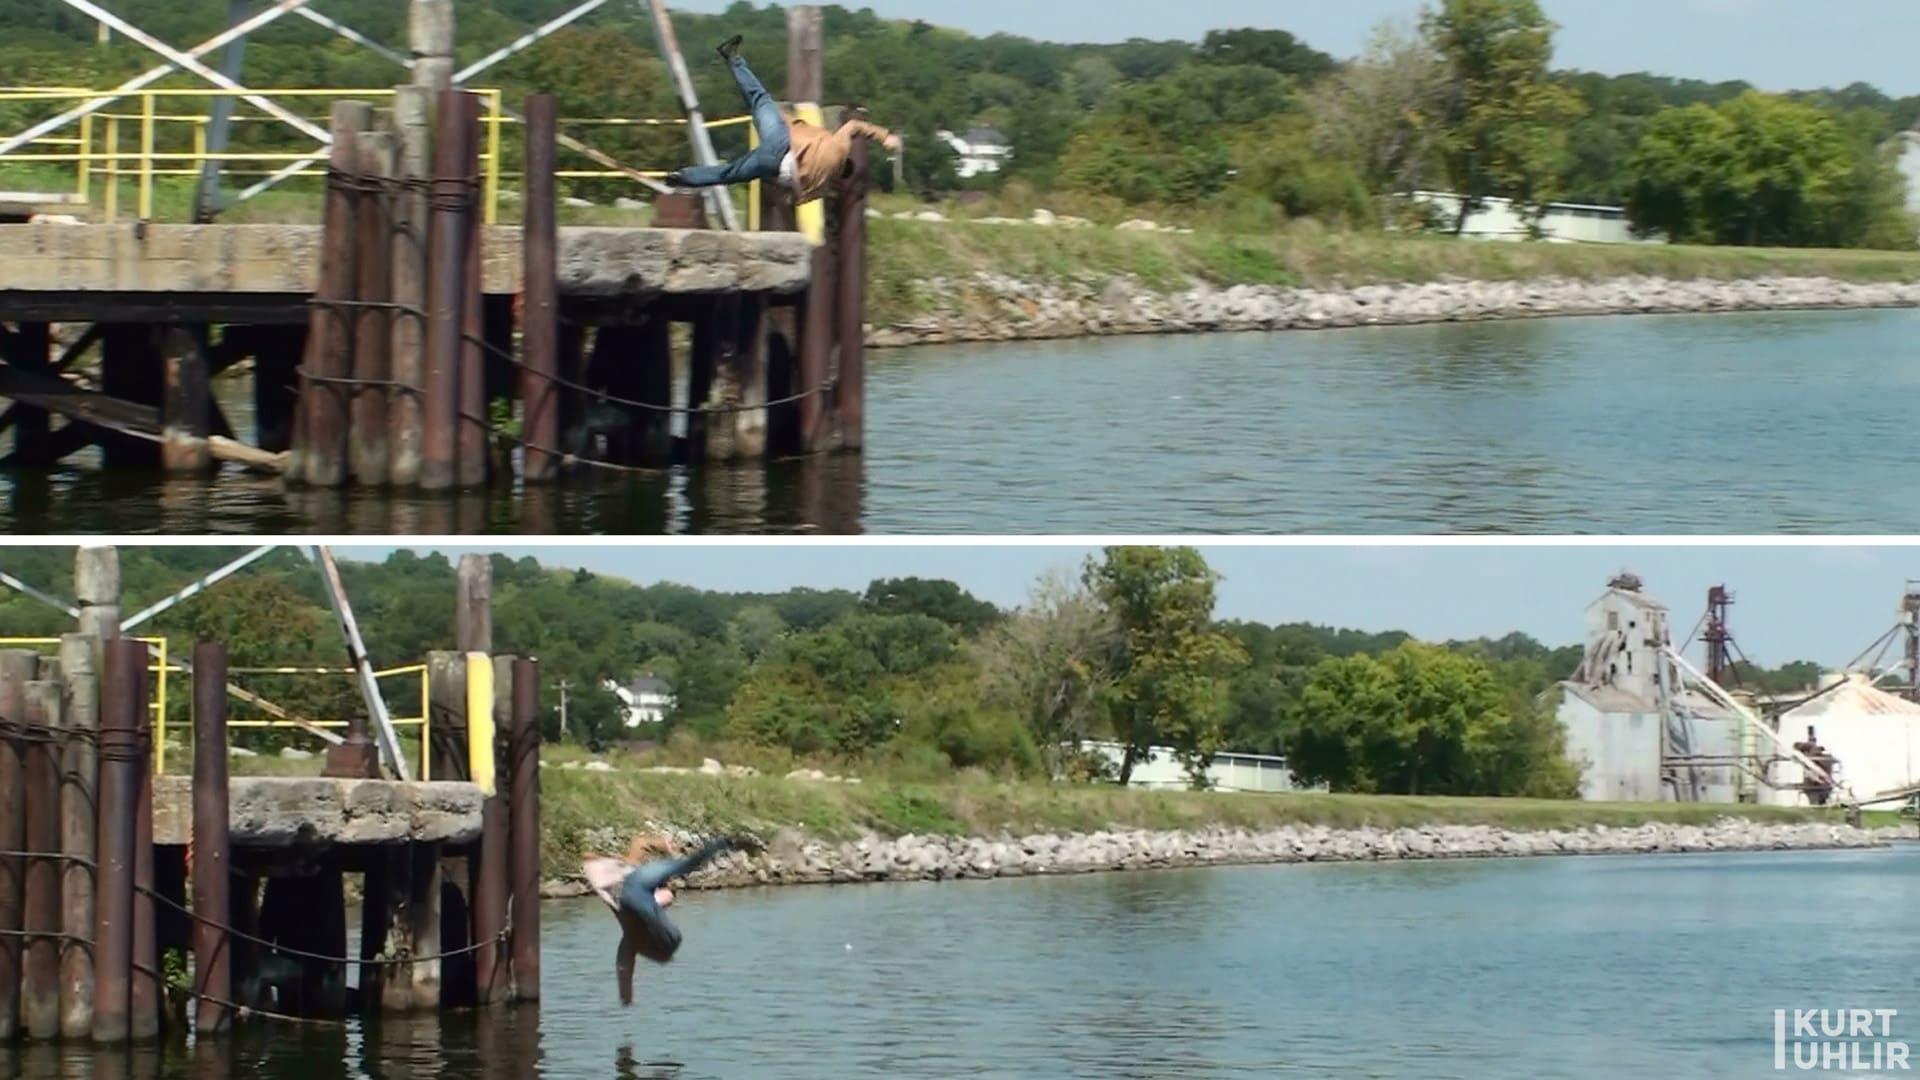 Stuntman Kurt Uhlir thrown off platform